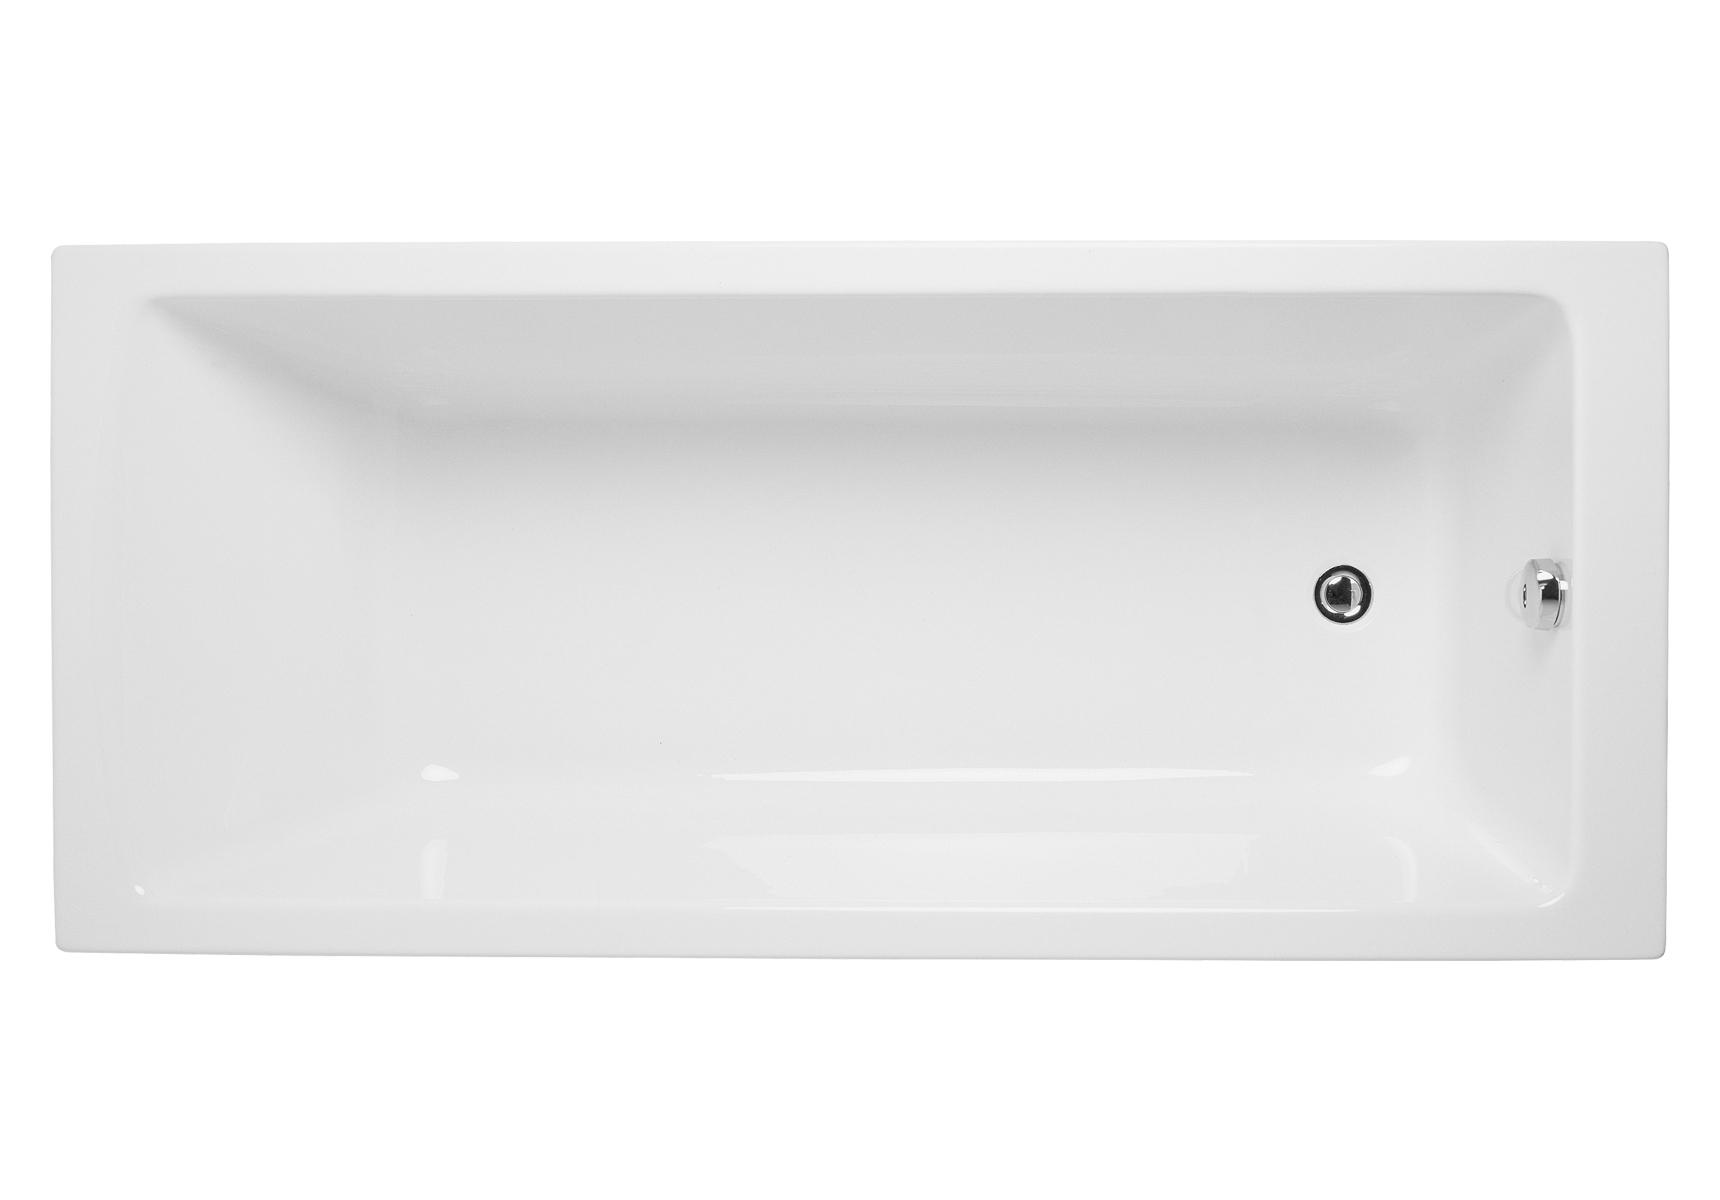 Integra baignoire ergonomique rectangulaire en acrylique 4 mm, 150  x  70 cm